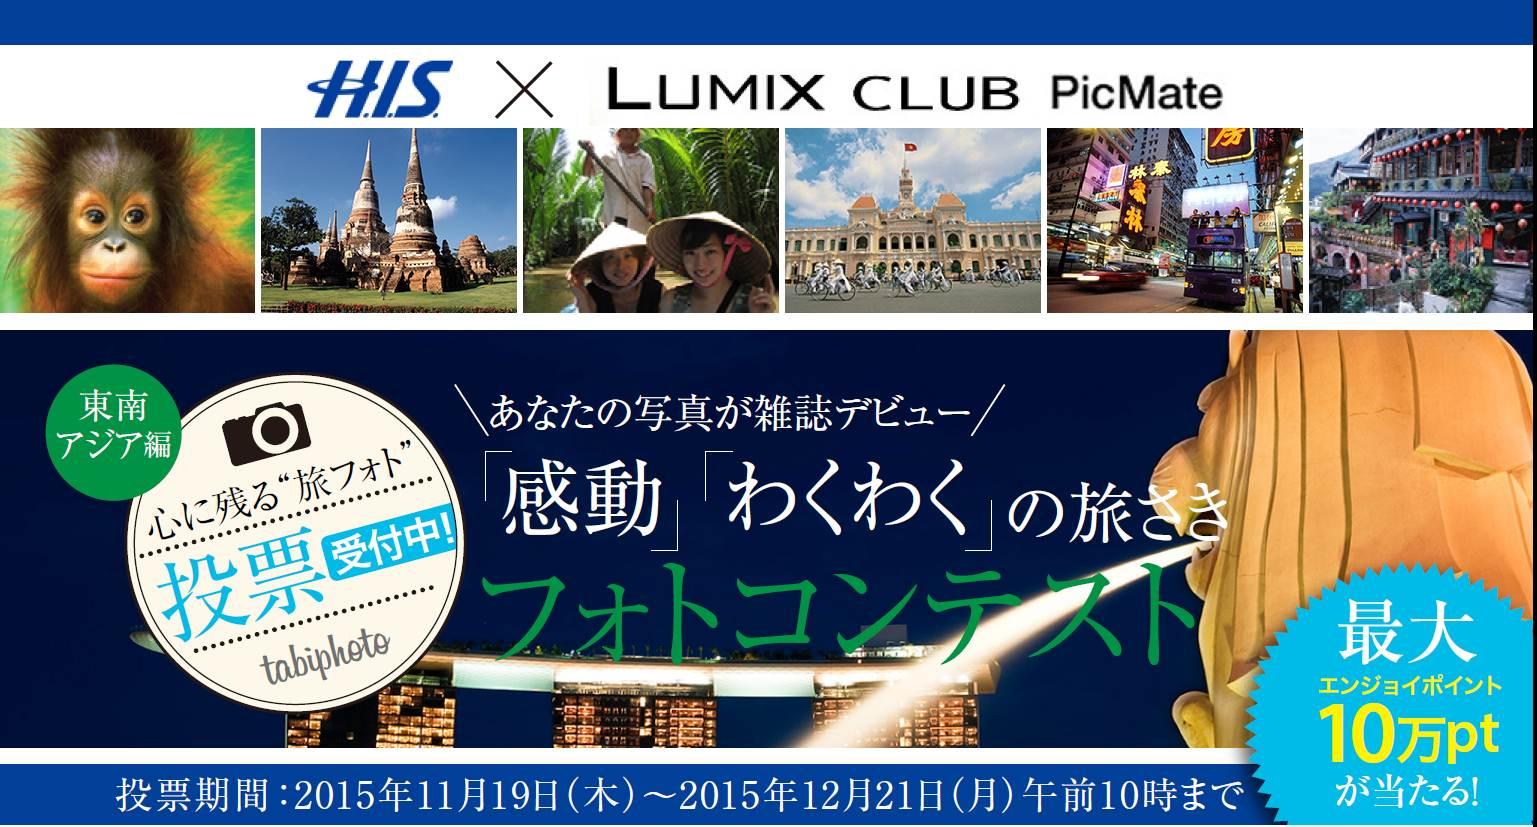 皆さまからの投票を受付中!【H.I.S. x LUMIX CLUB PicMate】